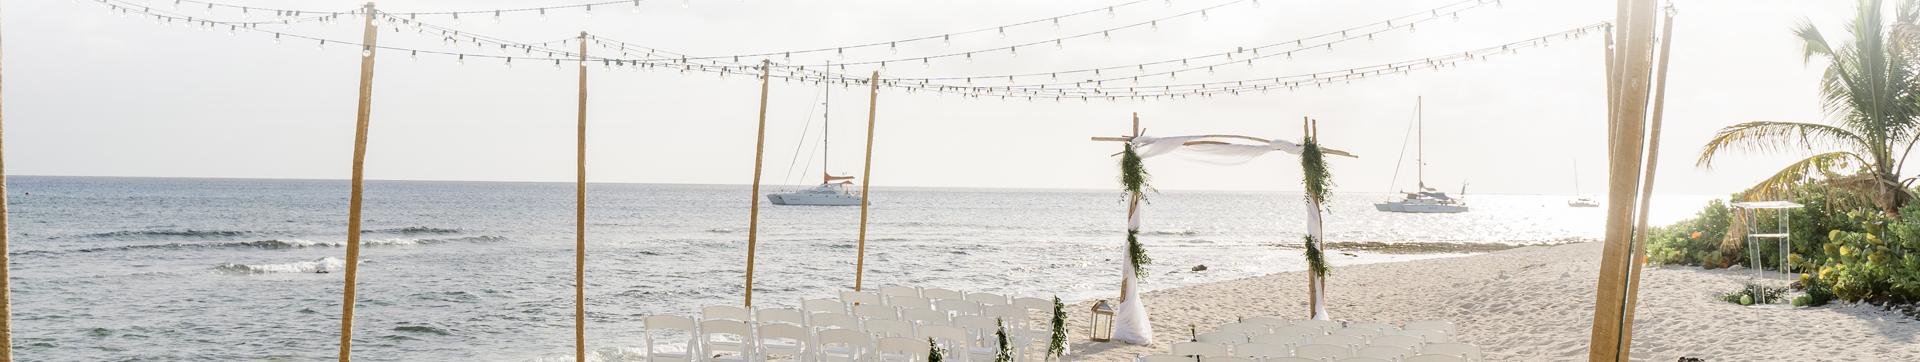 Wedding At The Wharf Banner - The Wharf Restaurant & Bar